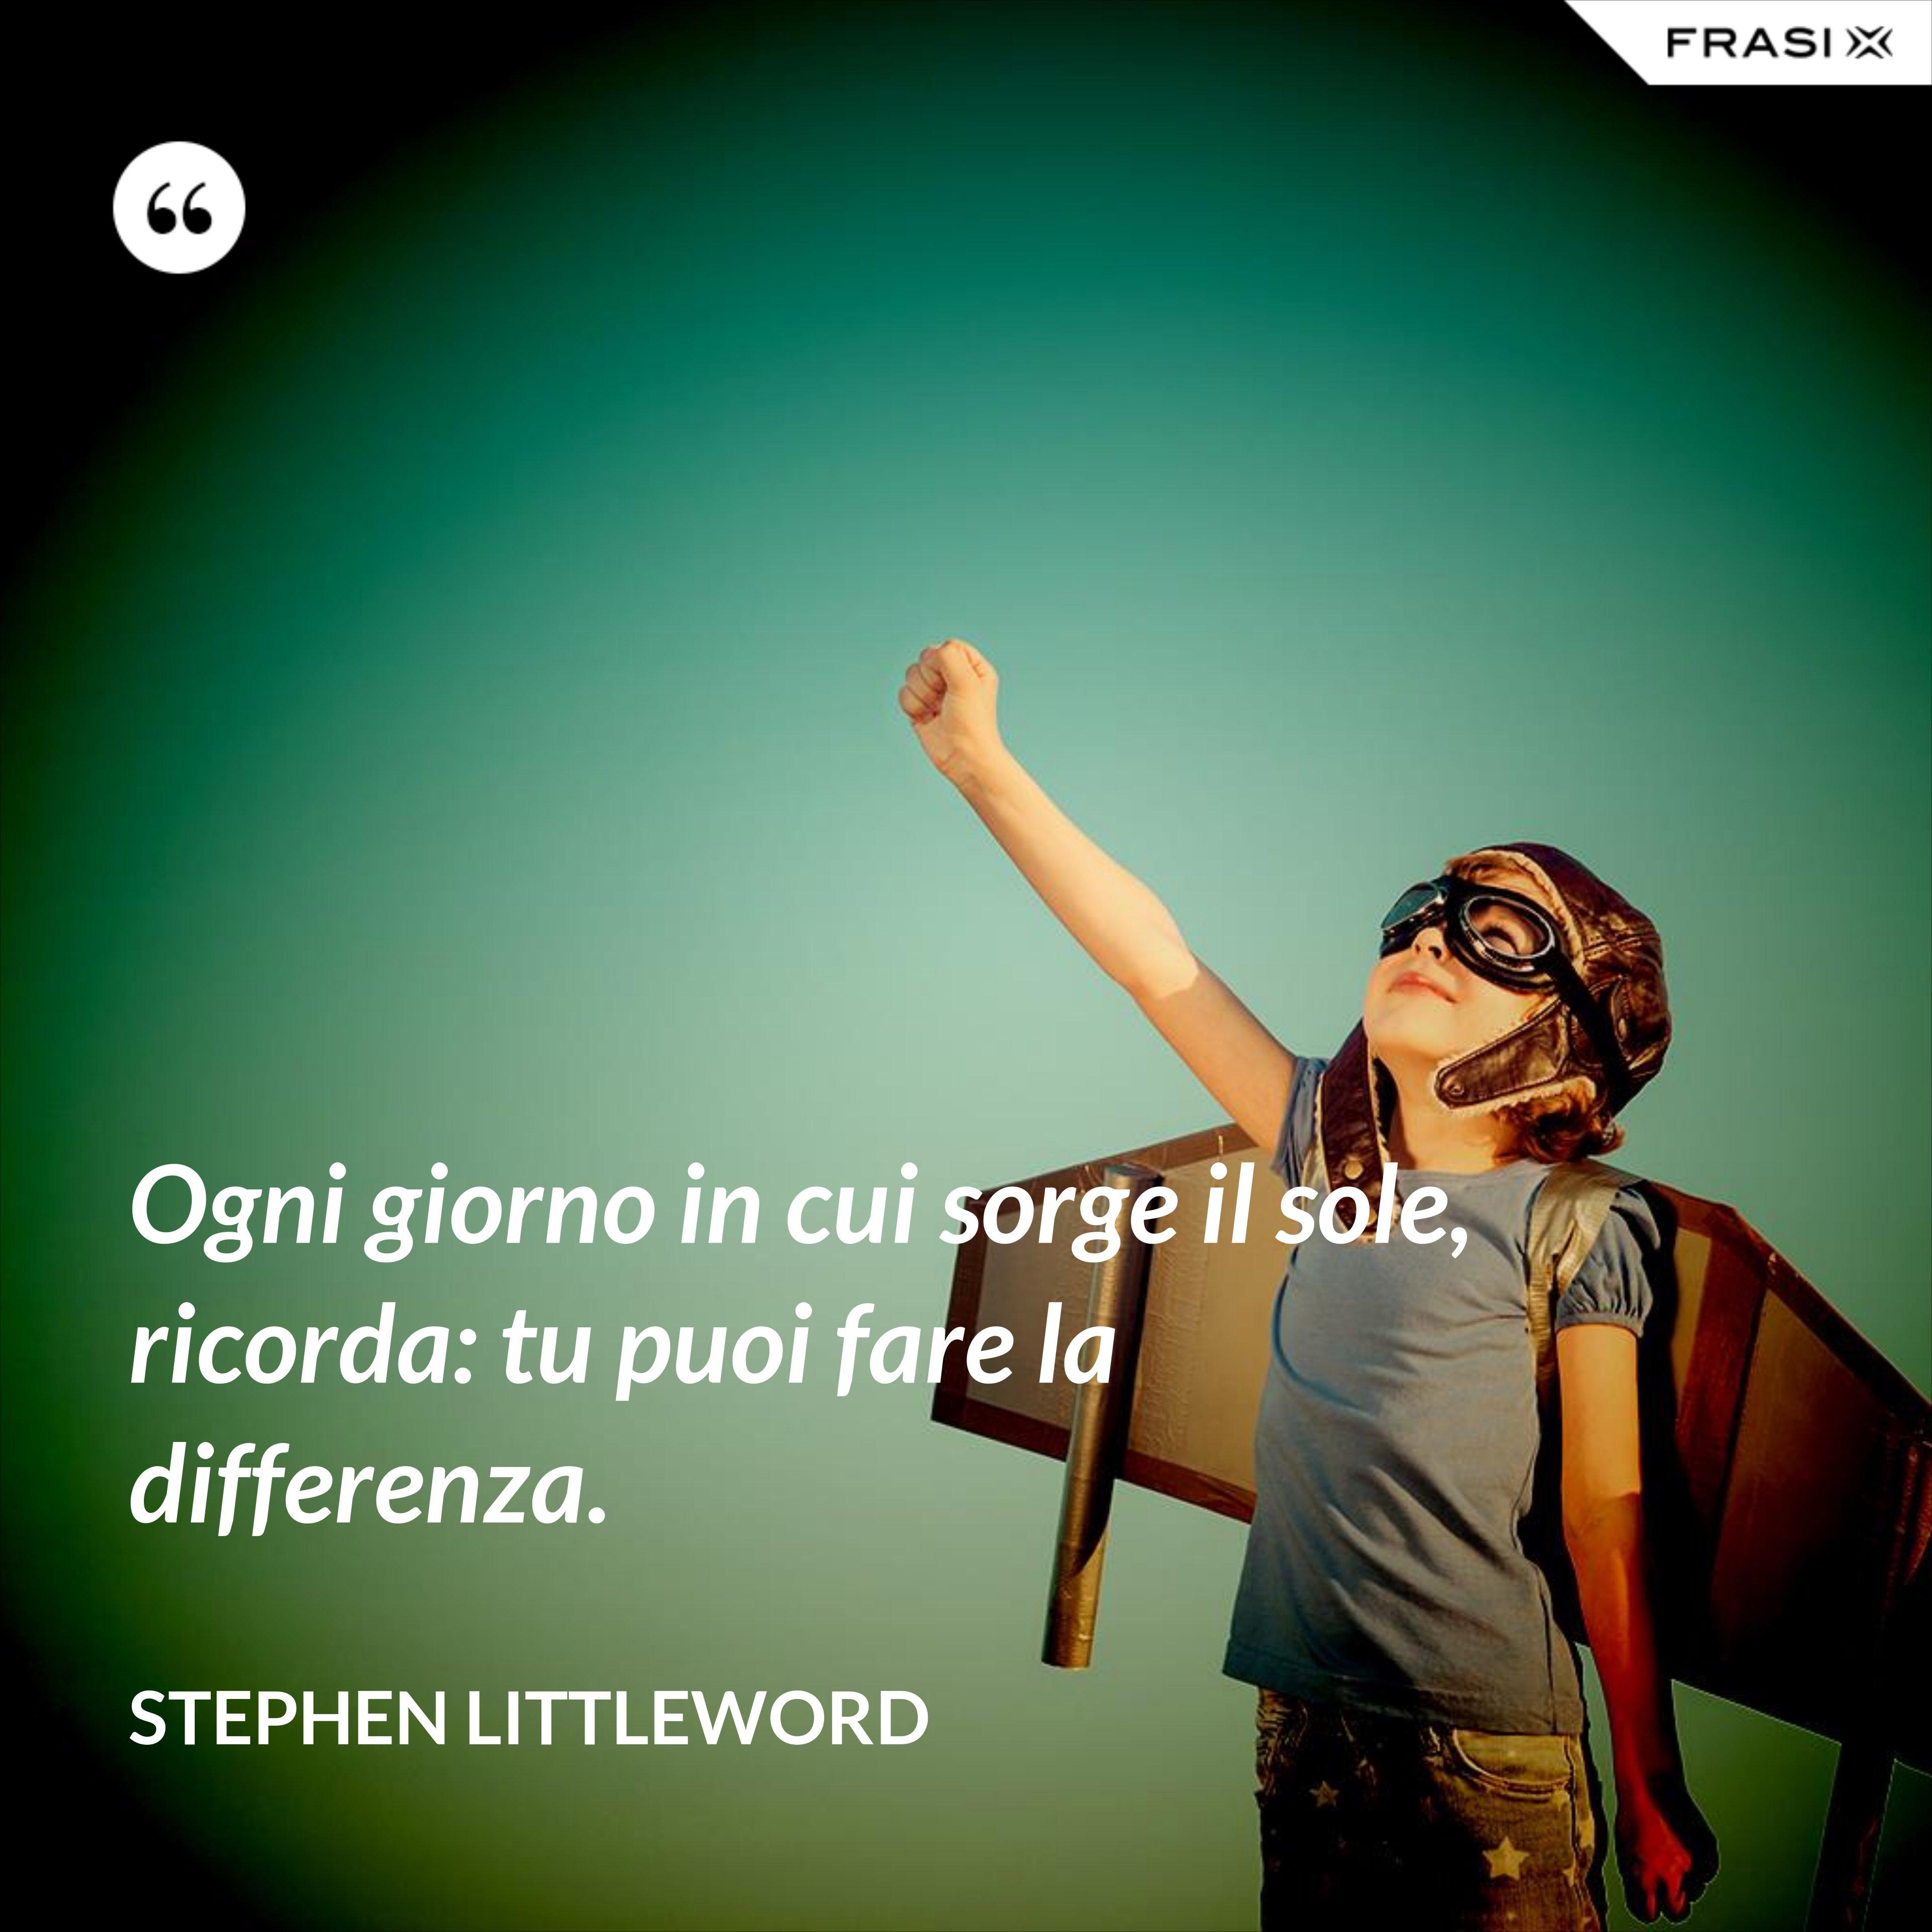 Ogni giorno in cui sorge il sole, ricorda: tu puoi fare la differenza. - Stephen Littleword